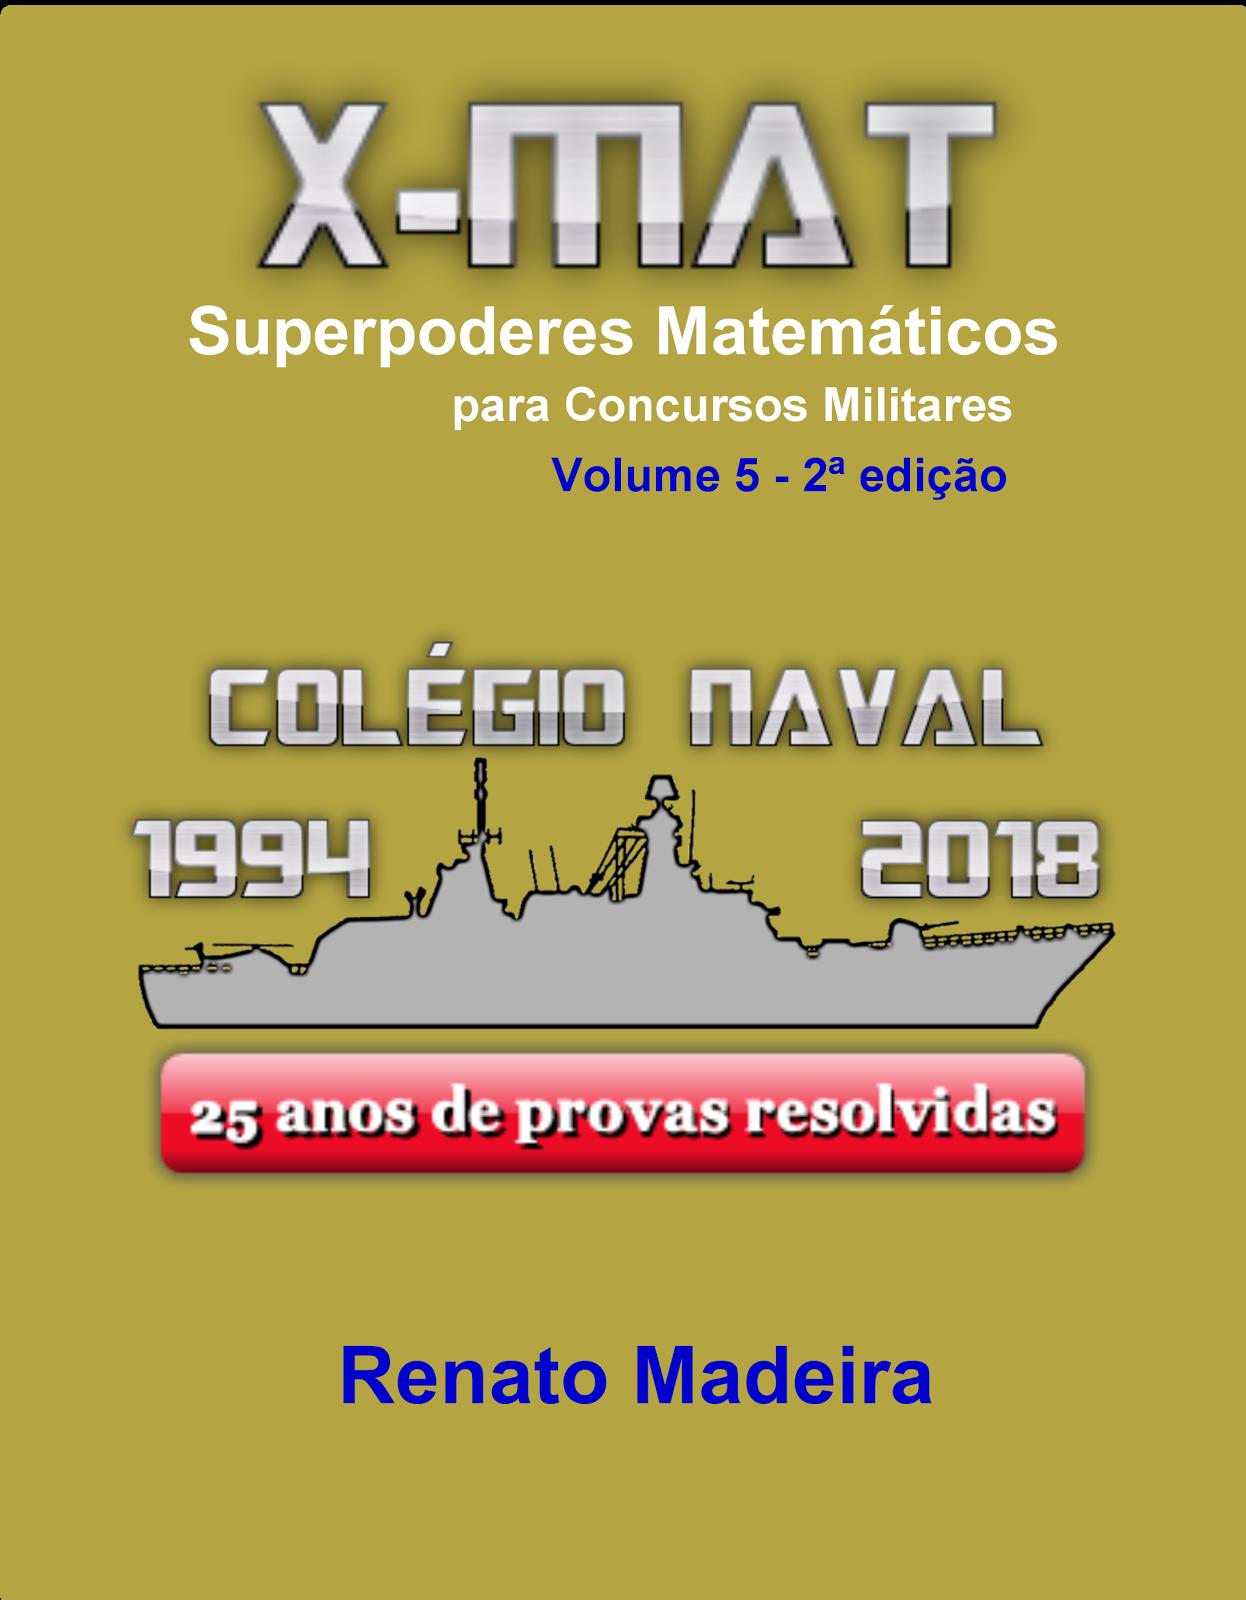 Livro X-MAT - Colégio Naval por R$79,00 na Dissonarte editora!